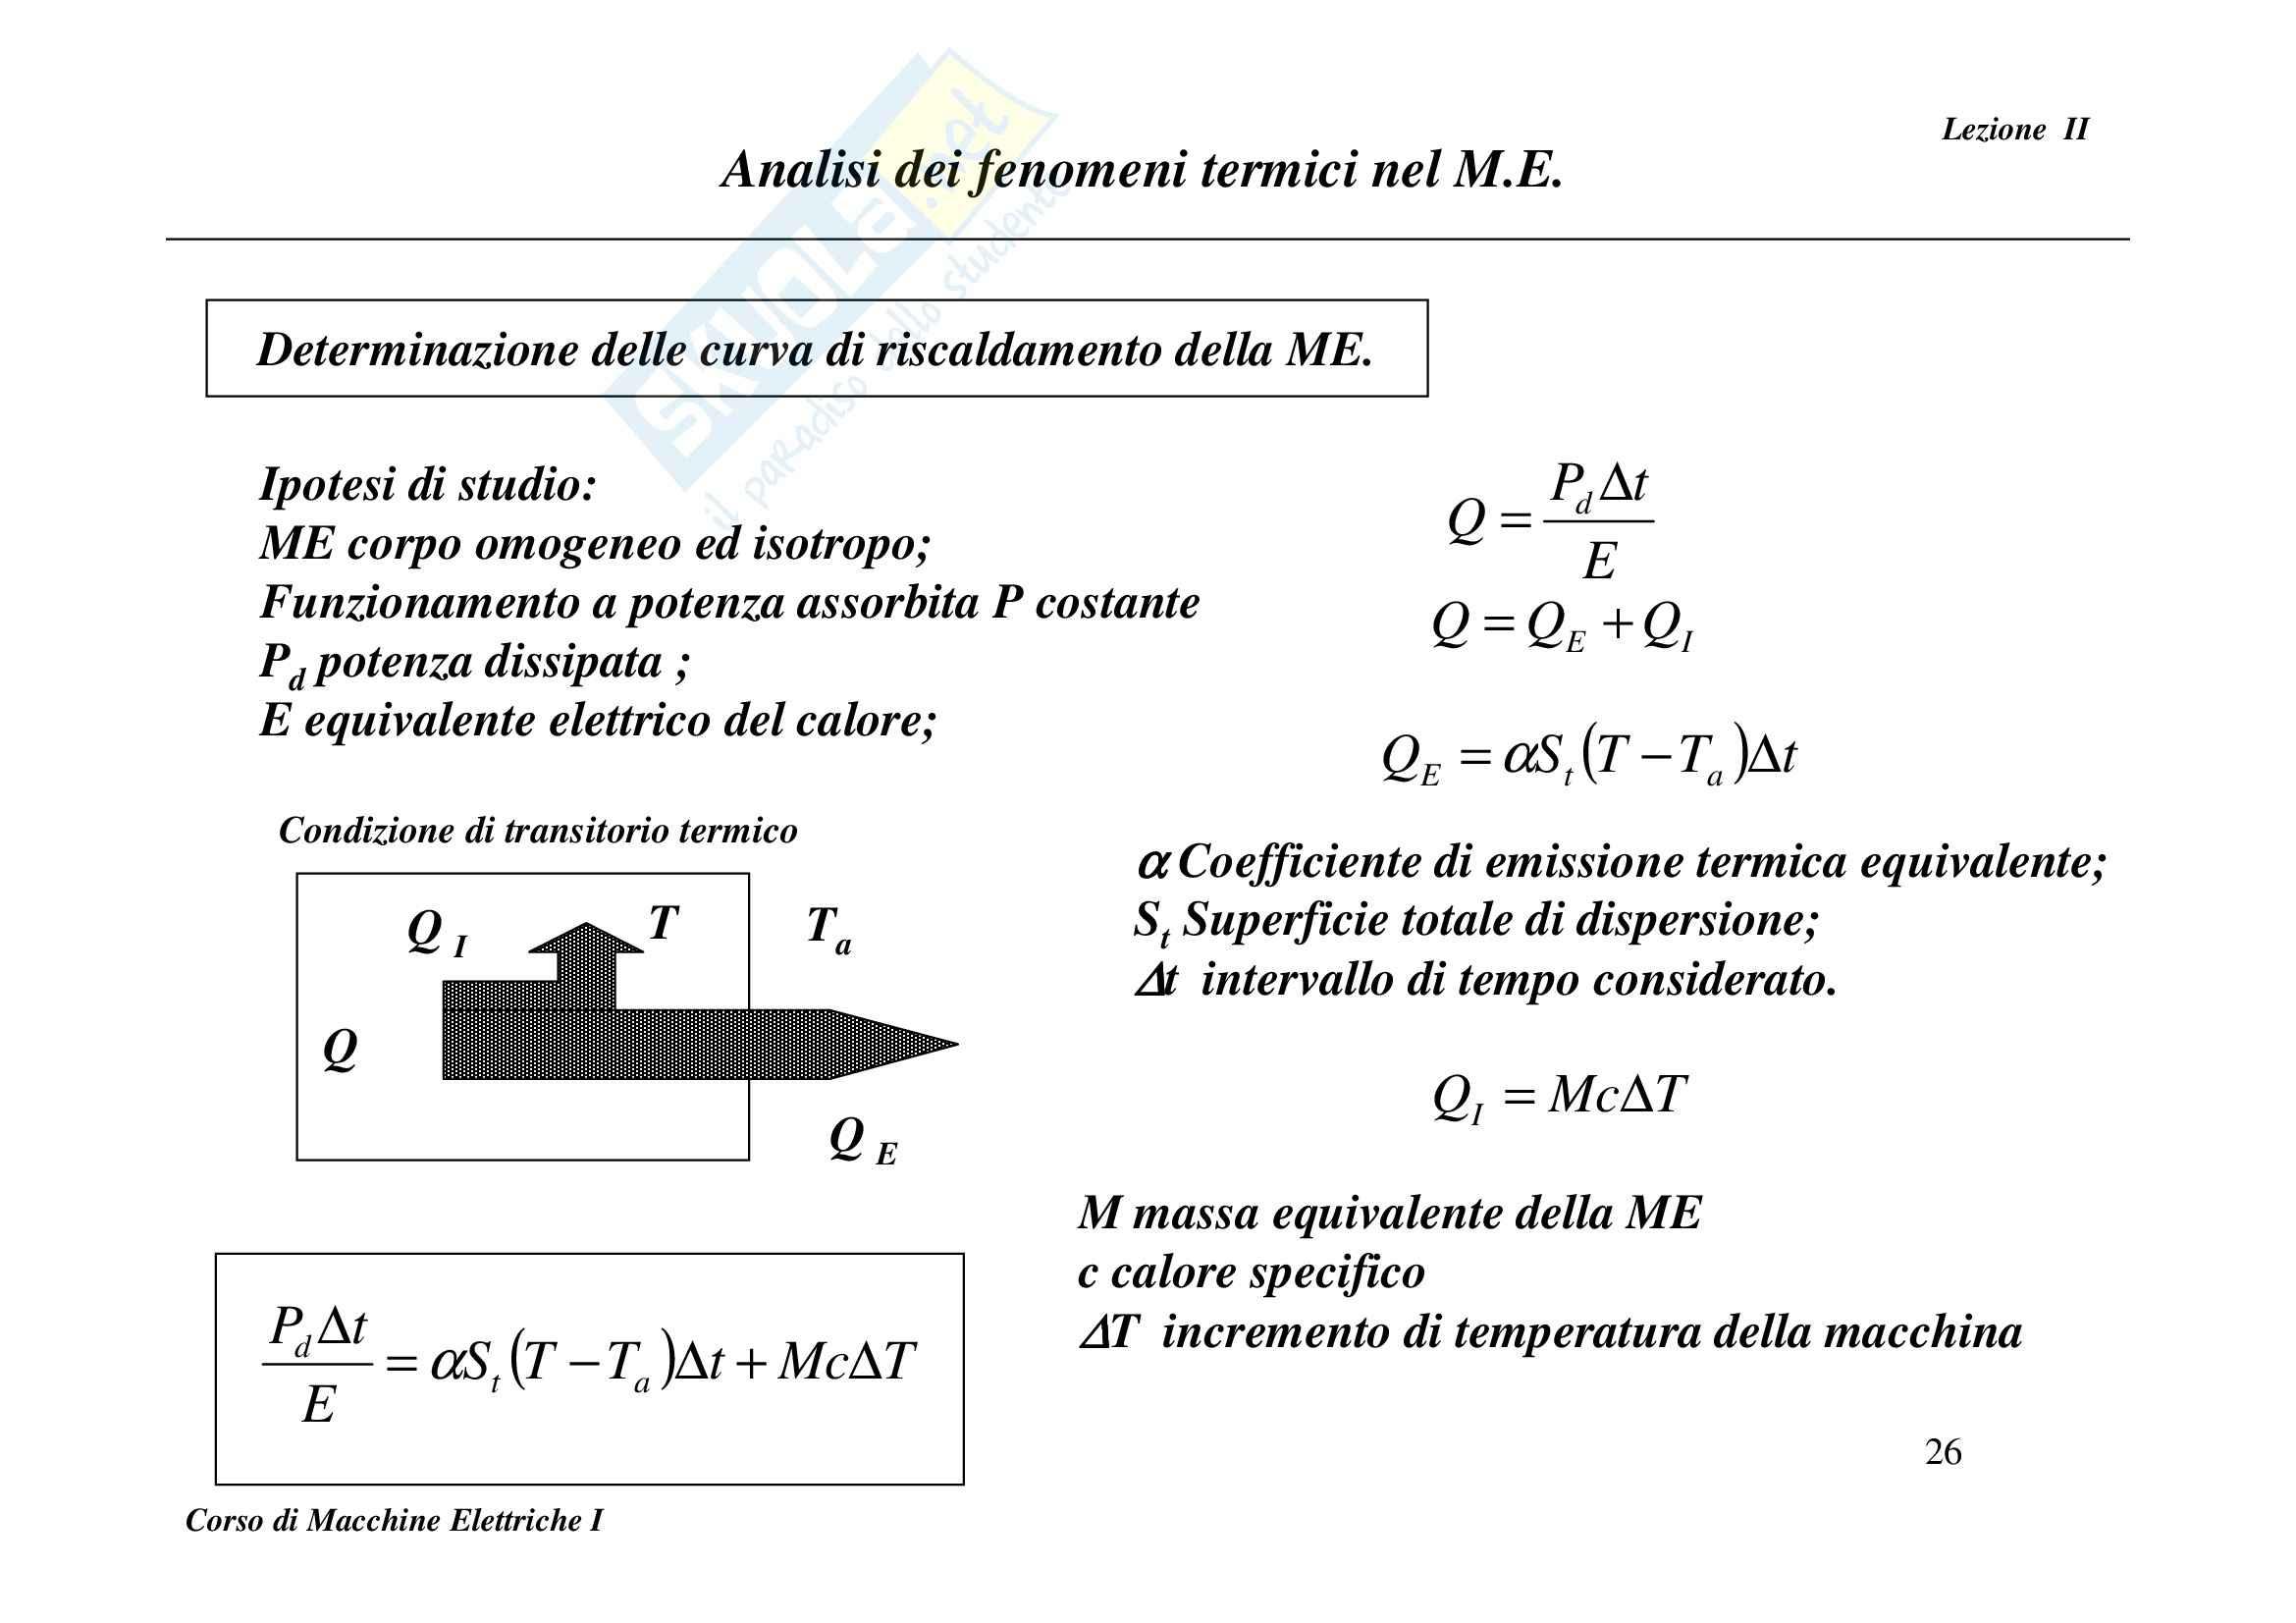 Macchine elettriche, Damiano Pag. 26